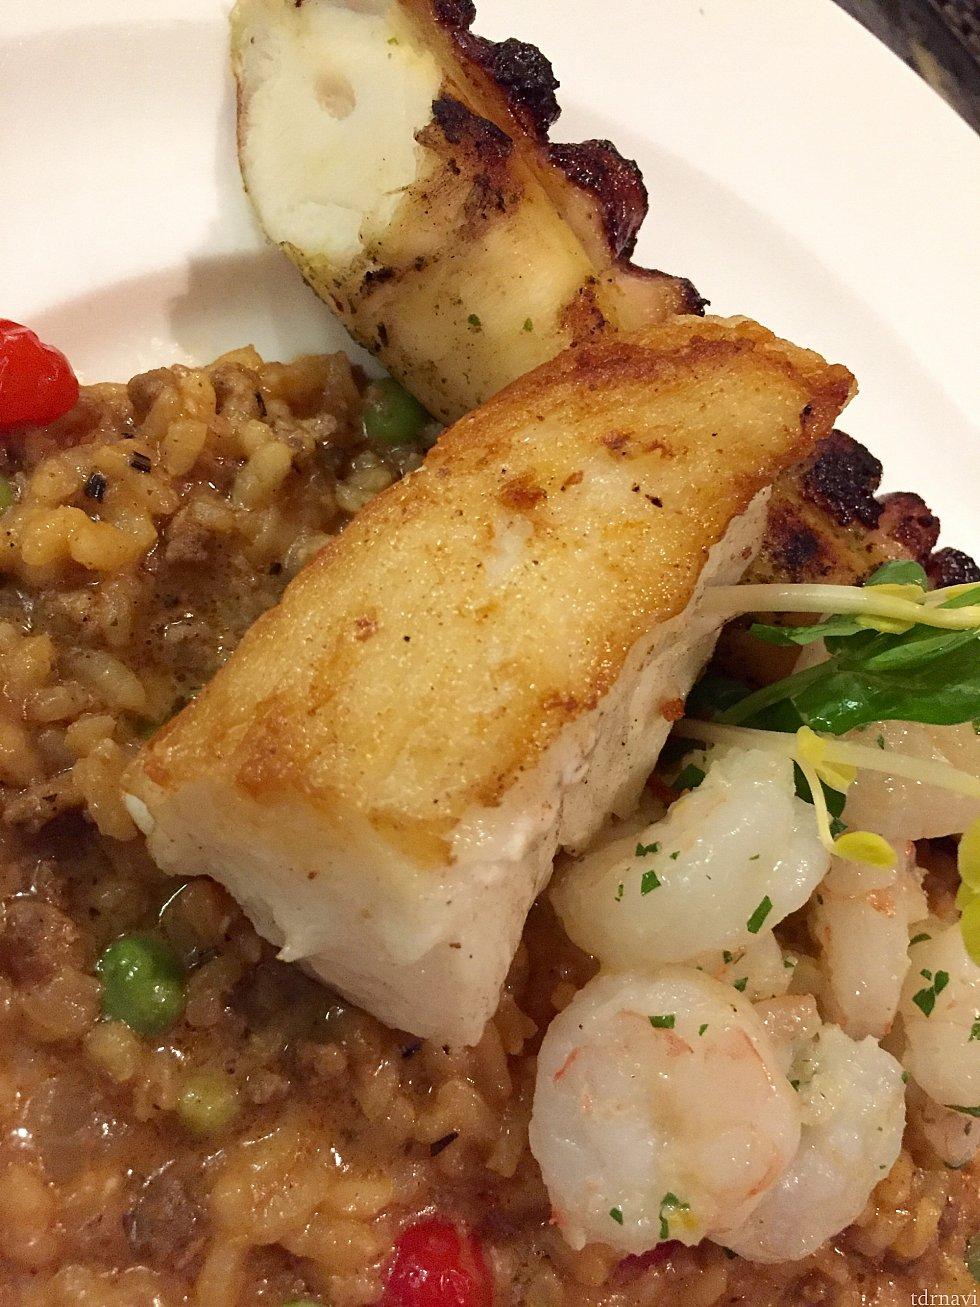 チリ産シーバスは高級魚ですが、味が薄い上にちょっとドライで、もう少し何かソースが欲しかったです。キーウェストシュリンプはサイズもう少し大きくても良かったかな〜。30%割引と言っても元の値段$48ですから…